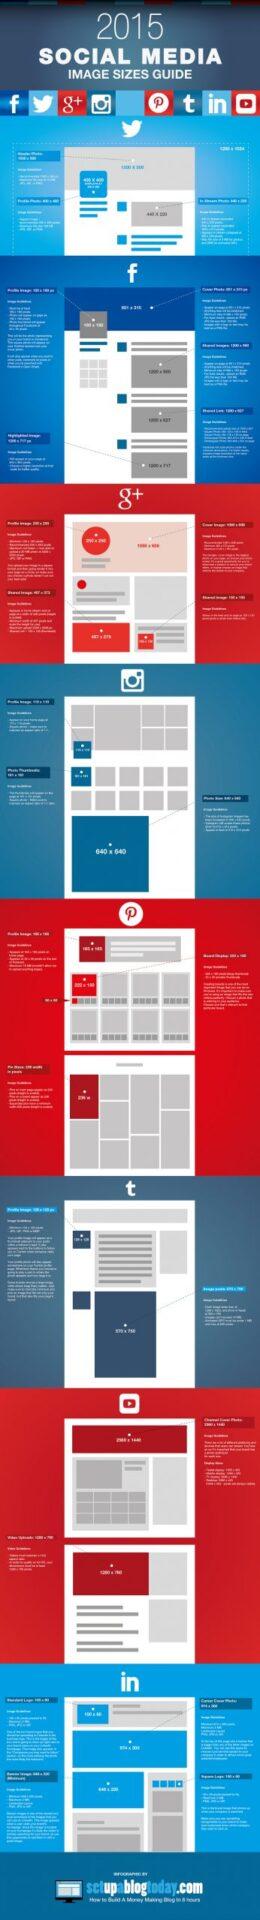 medidas imagenes redes sociales 2015